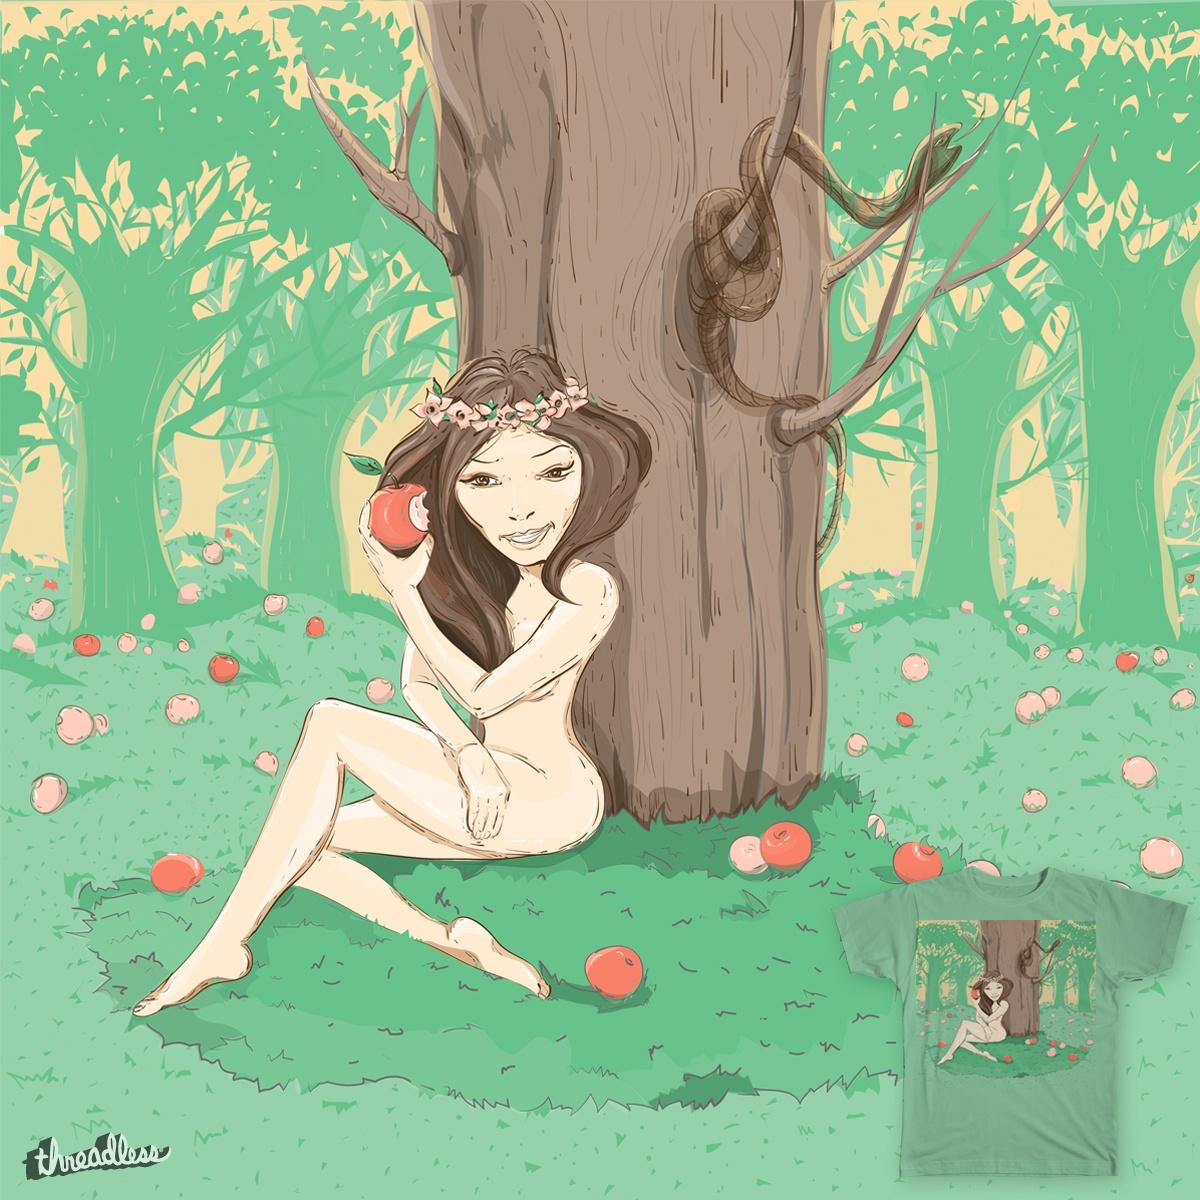 Eve by ruzik1111111 on Threadless